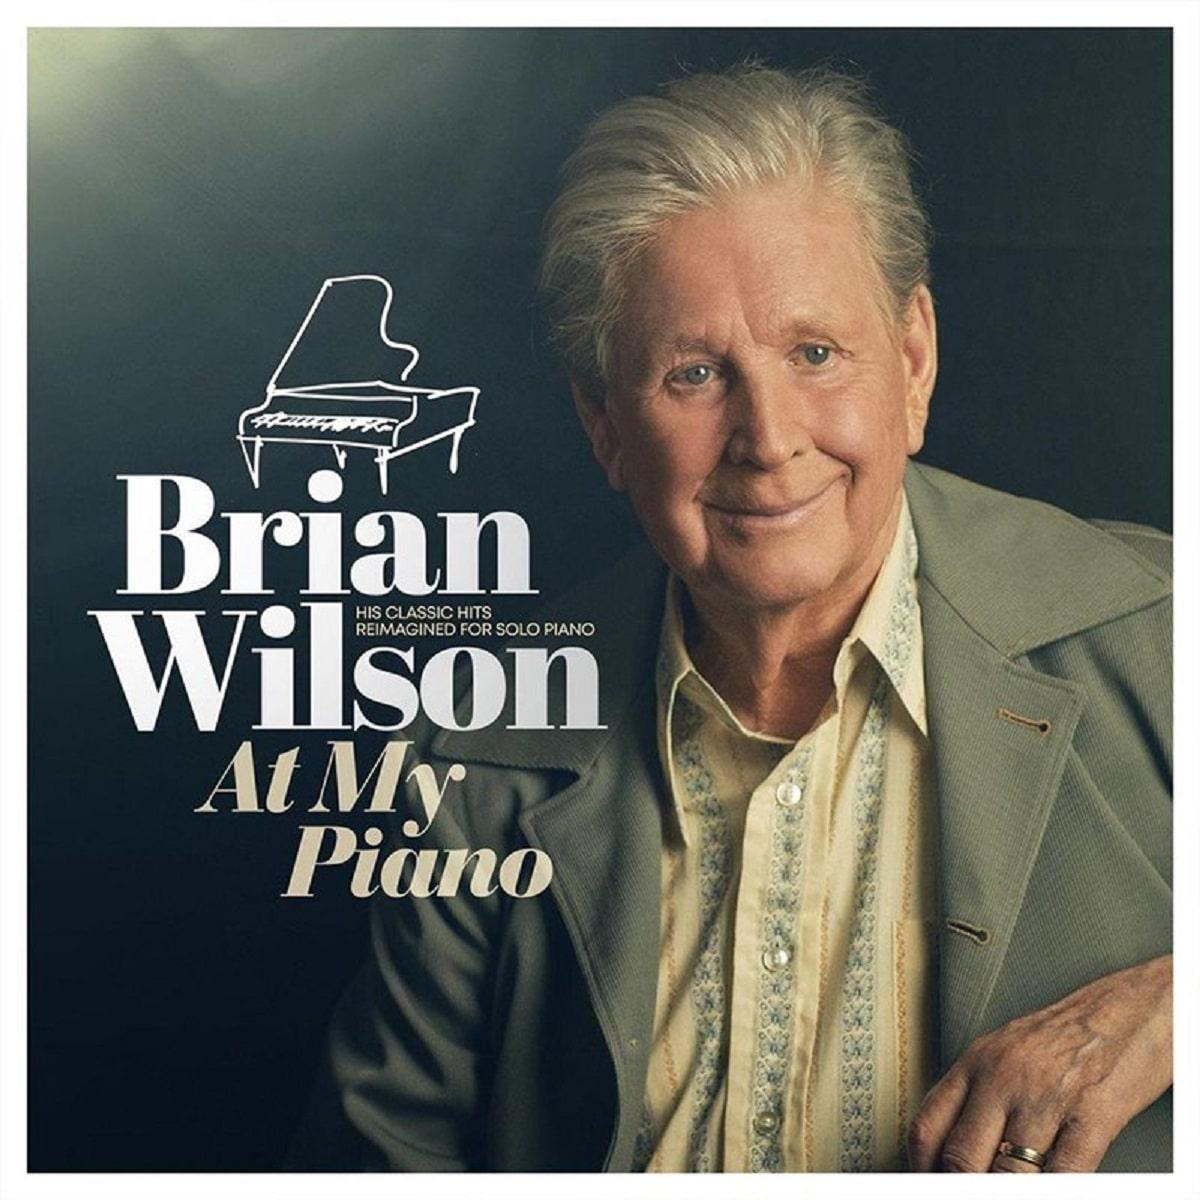 At My Piano de Brian Wilson.